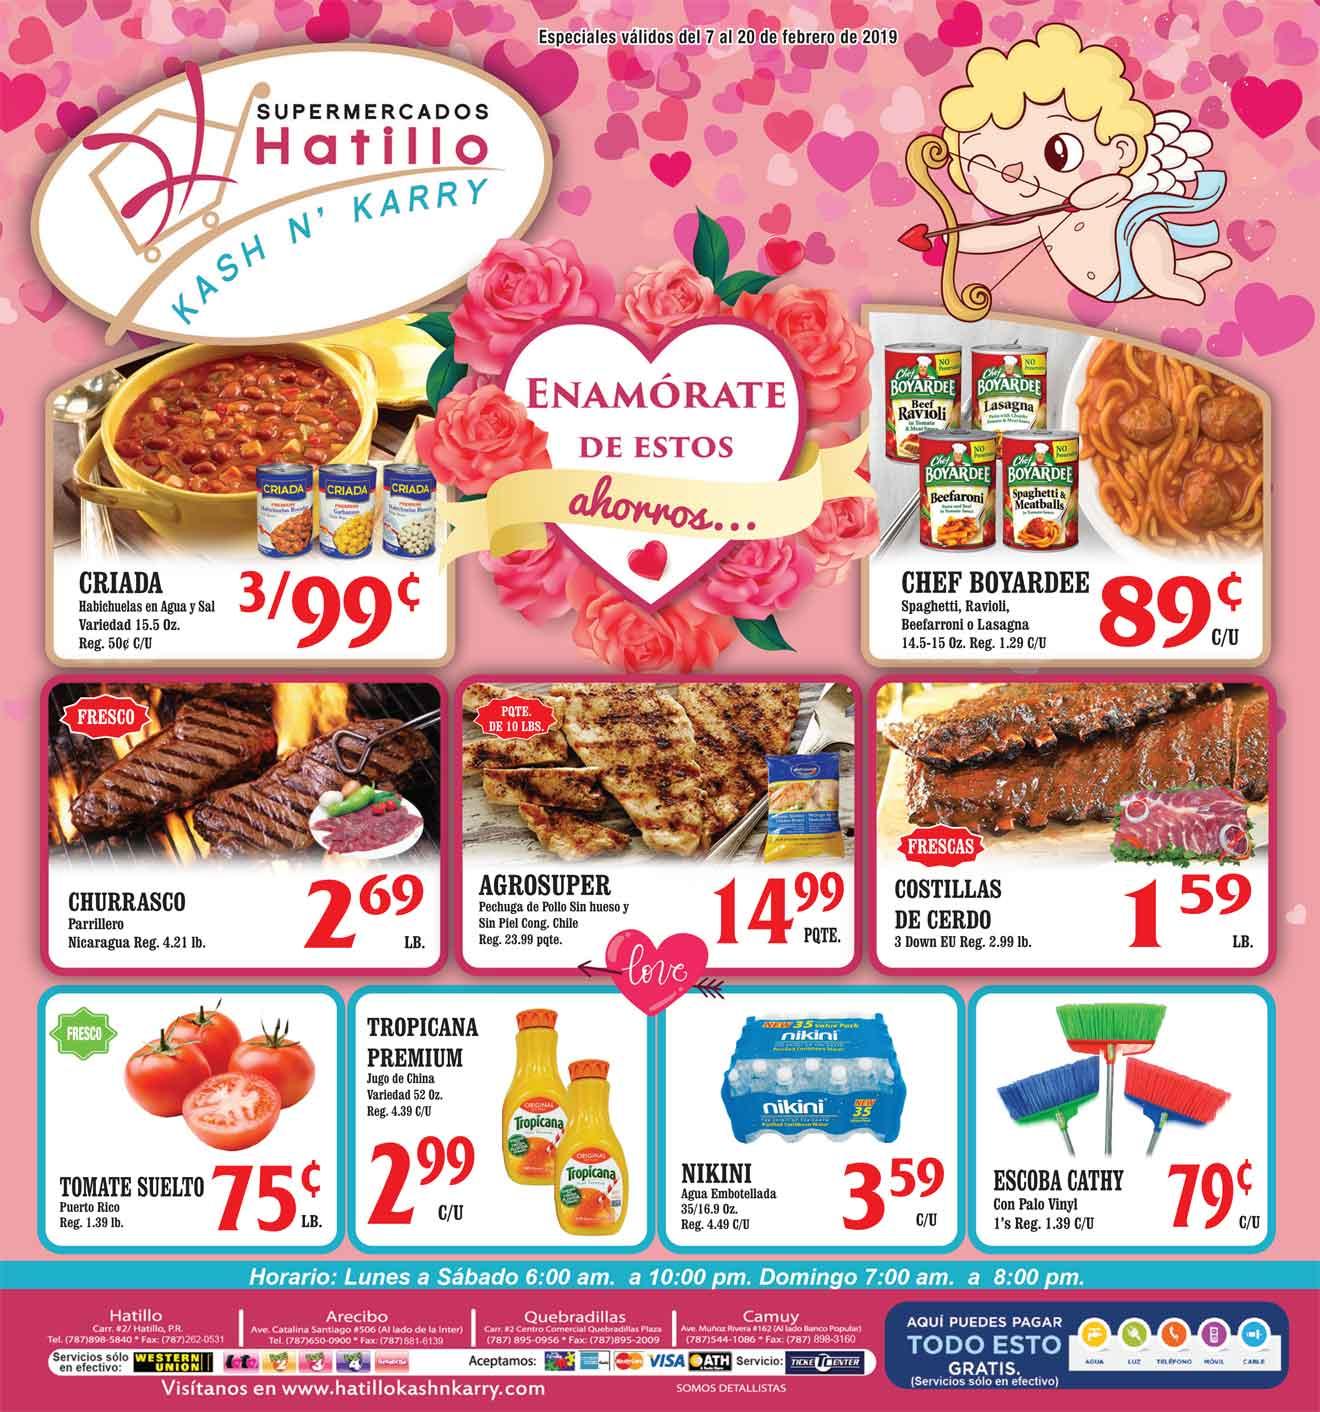 Shopper del 7 al 20 de febrero de 2019